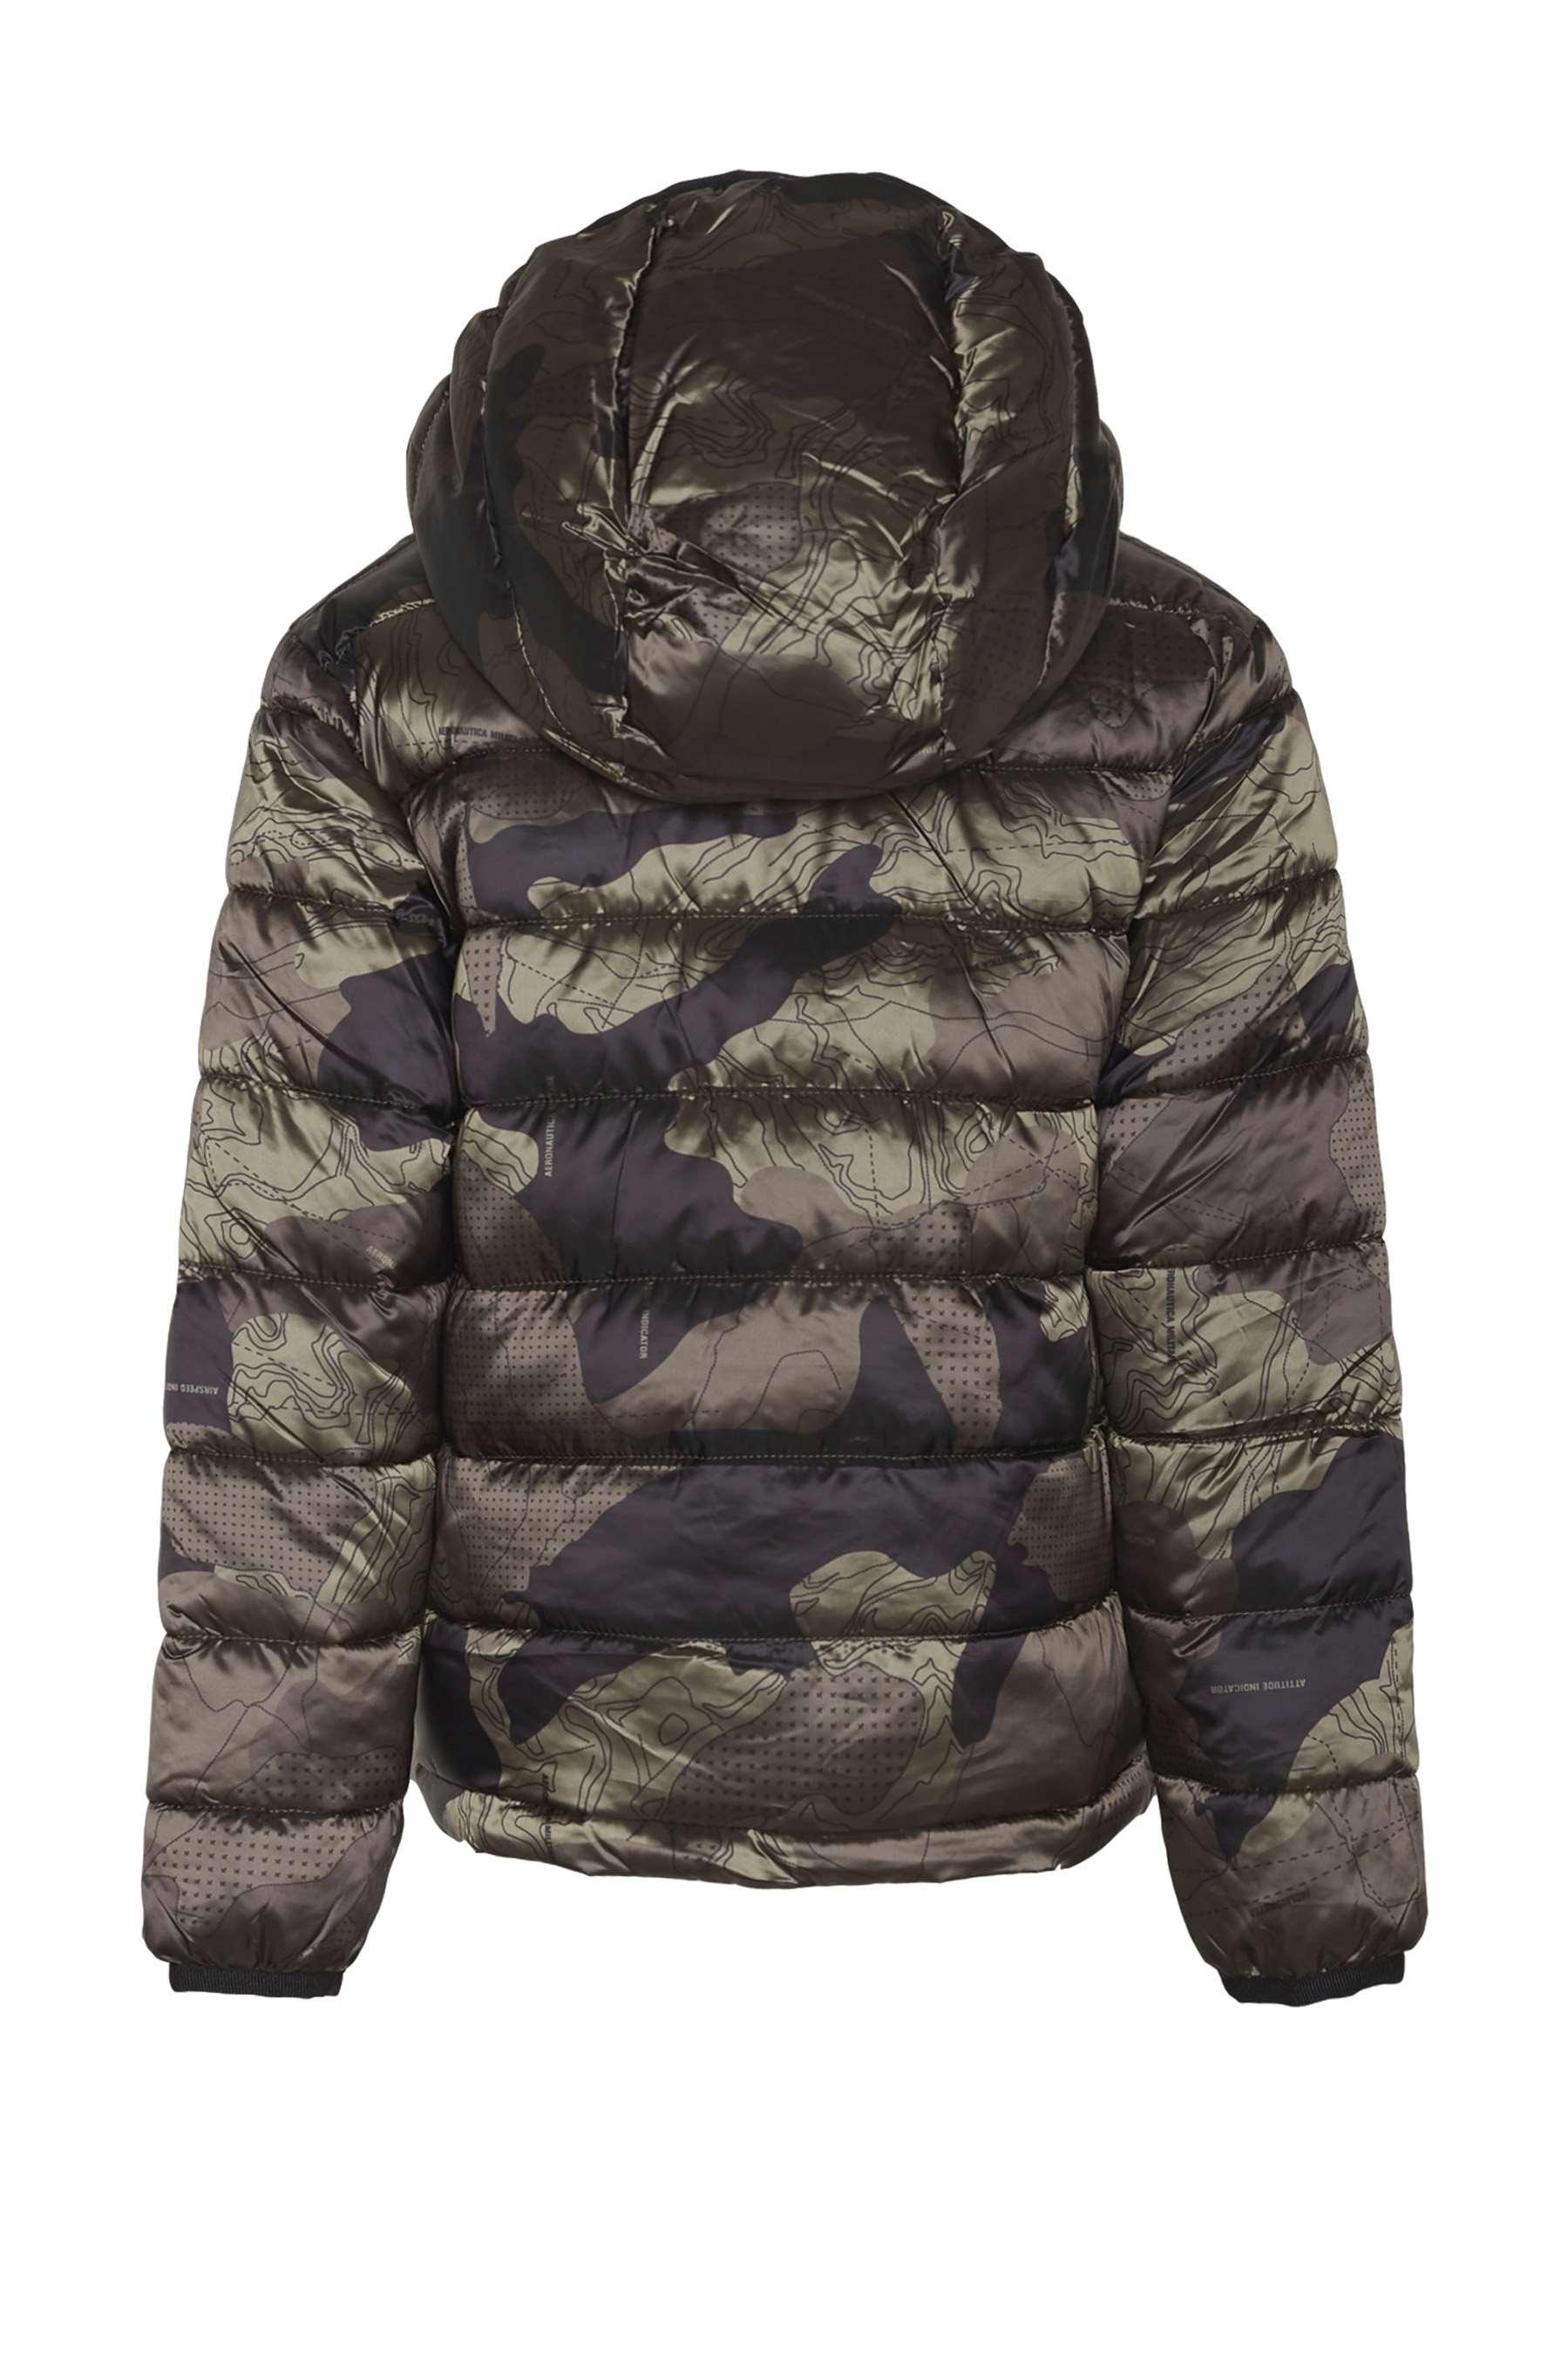 Veste camouflage pour enfant             2